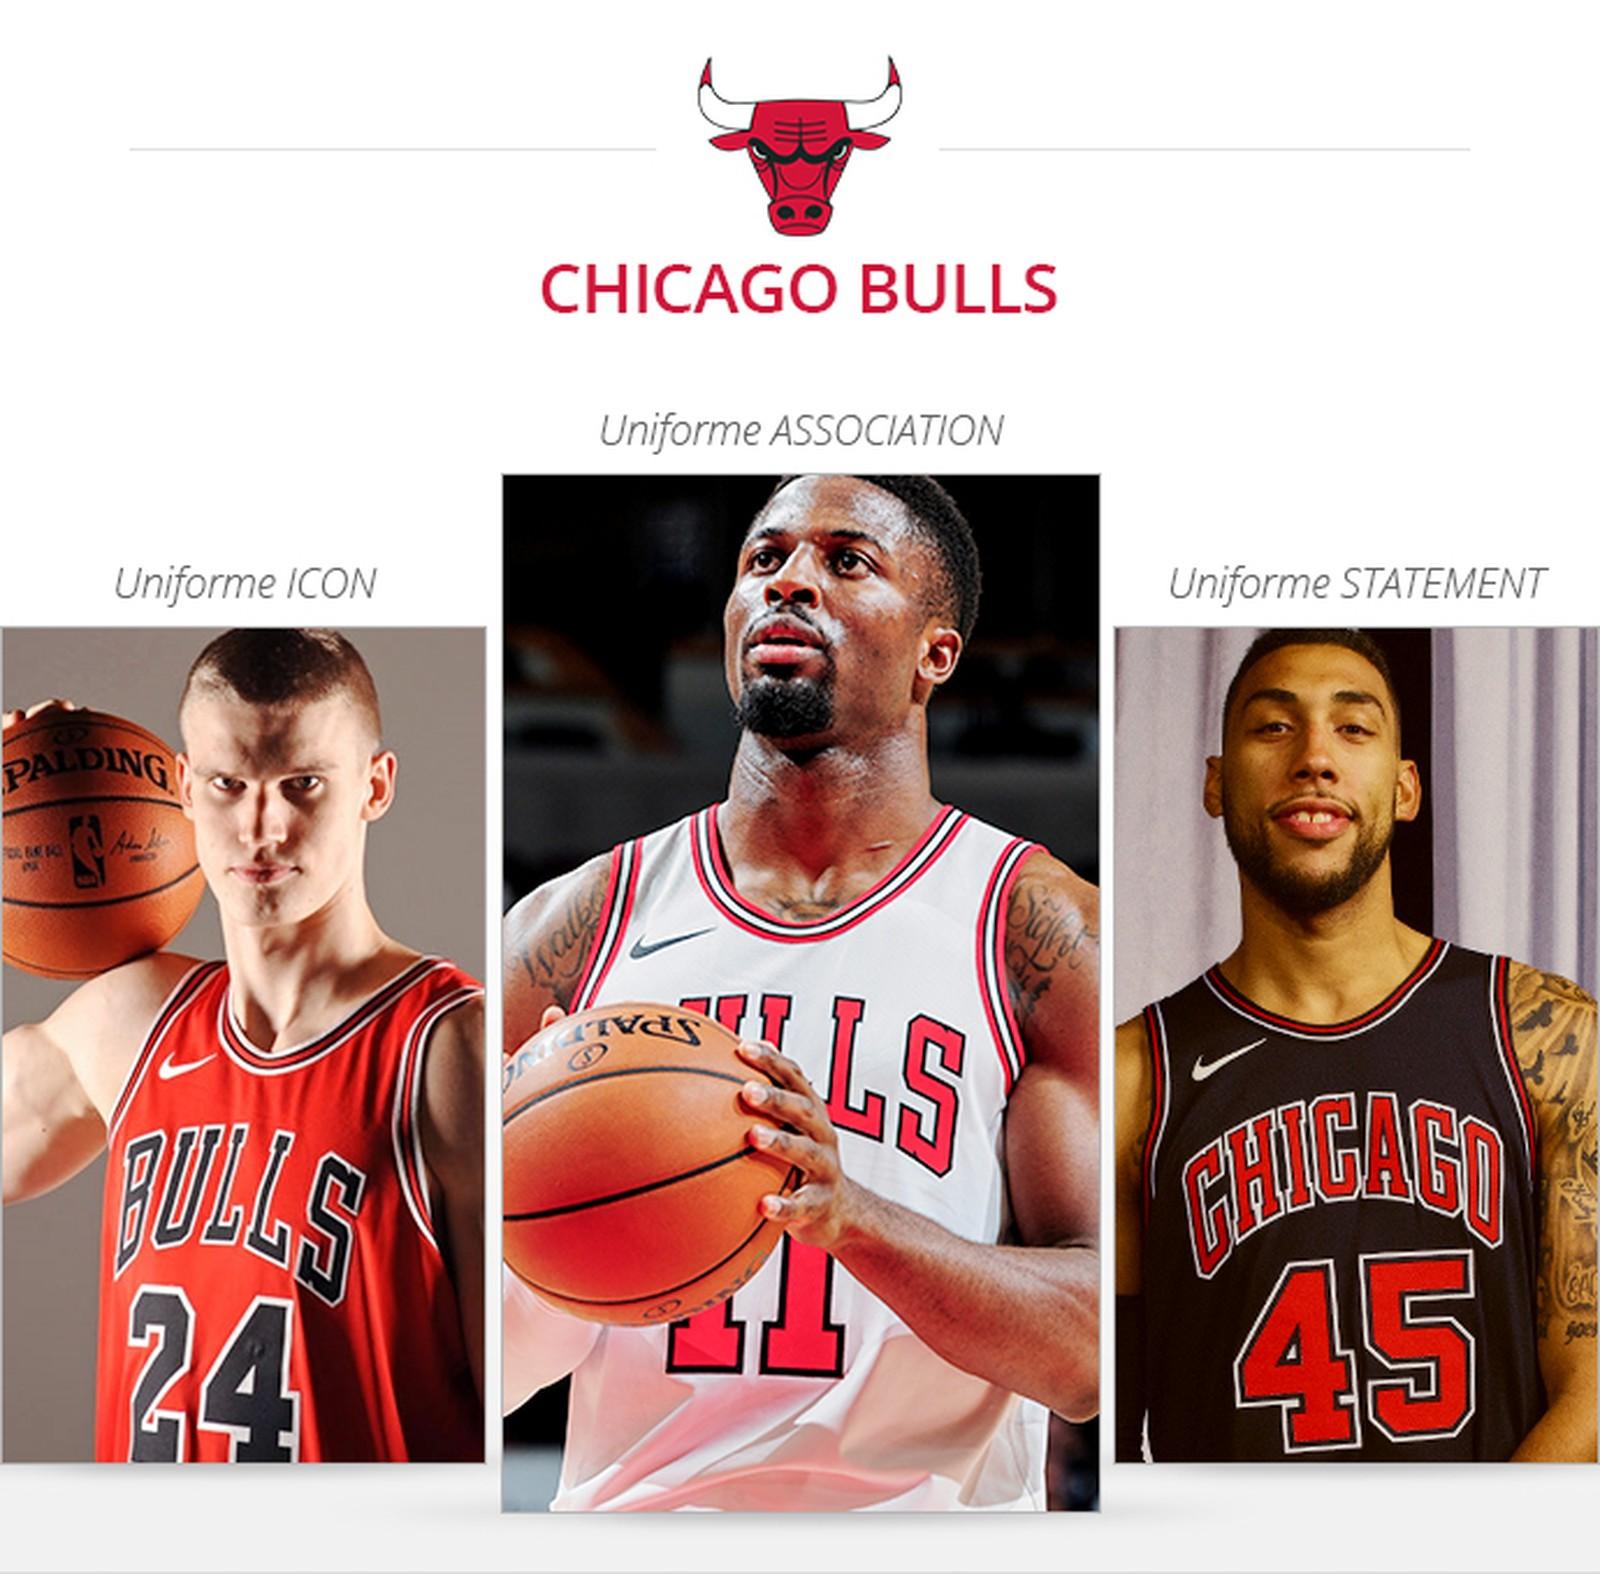 Uniformes Chicago Bulls pour la saison 2017/18